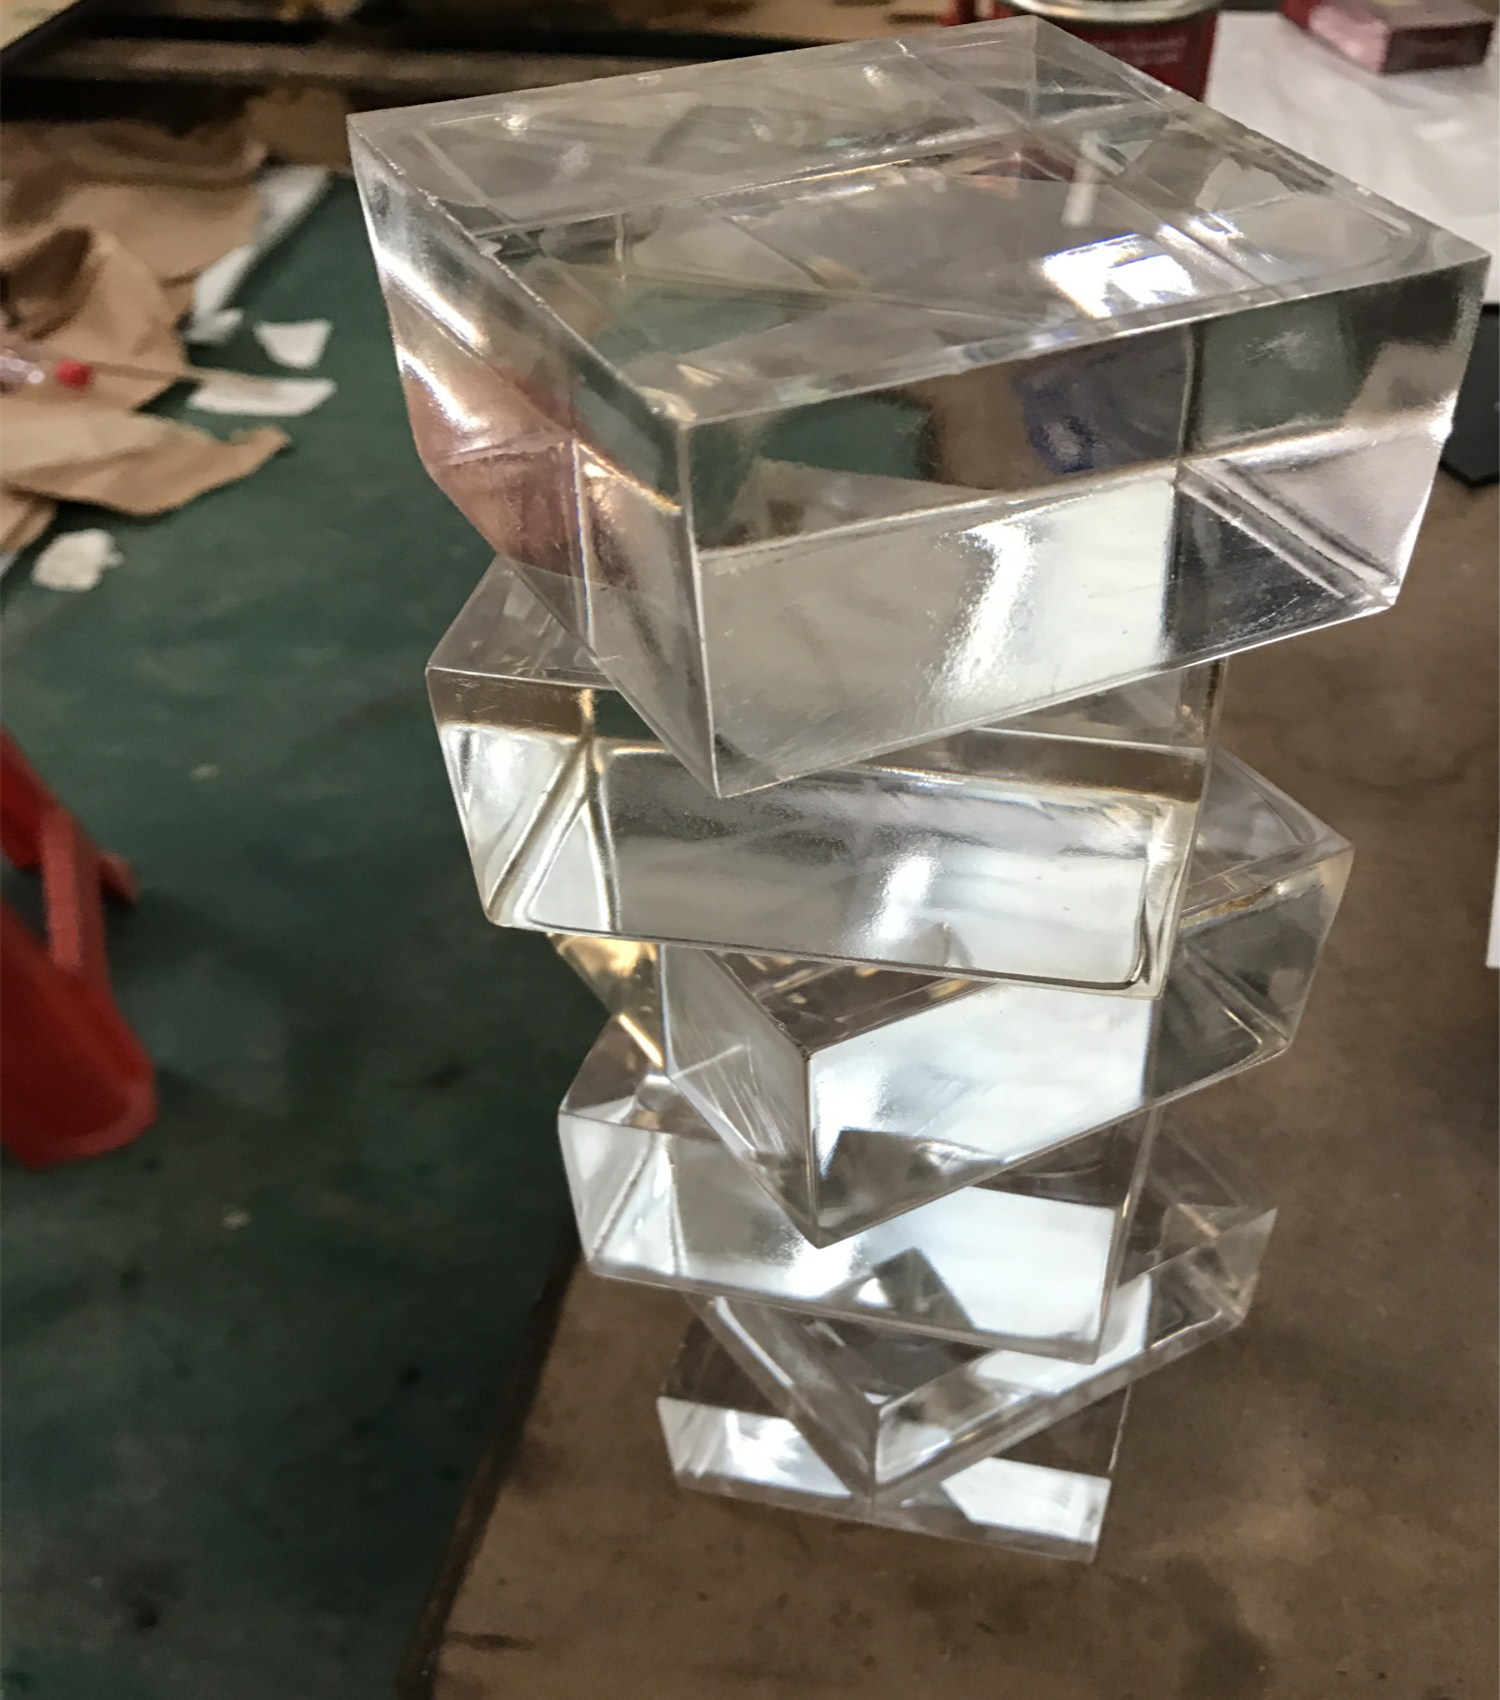 แผ่นอะคริลิคใสแผ่นฝ้าแผ่นแก้วอินทรีย์ที่กำหนดเองขนาดใดๆโดยตรงจากโรงงานแปรรูป